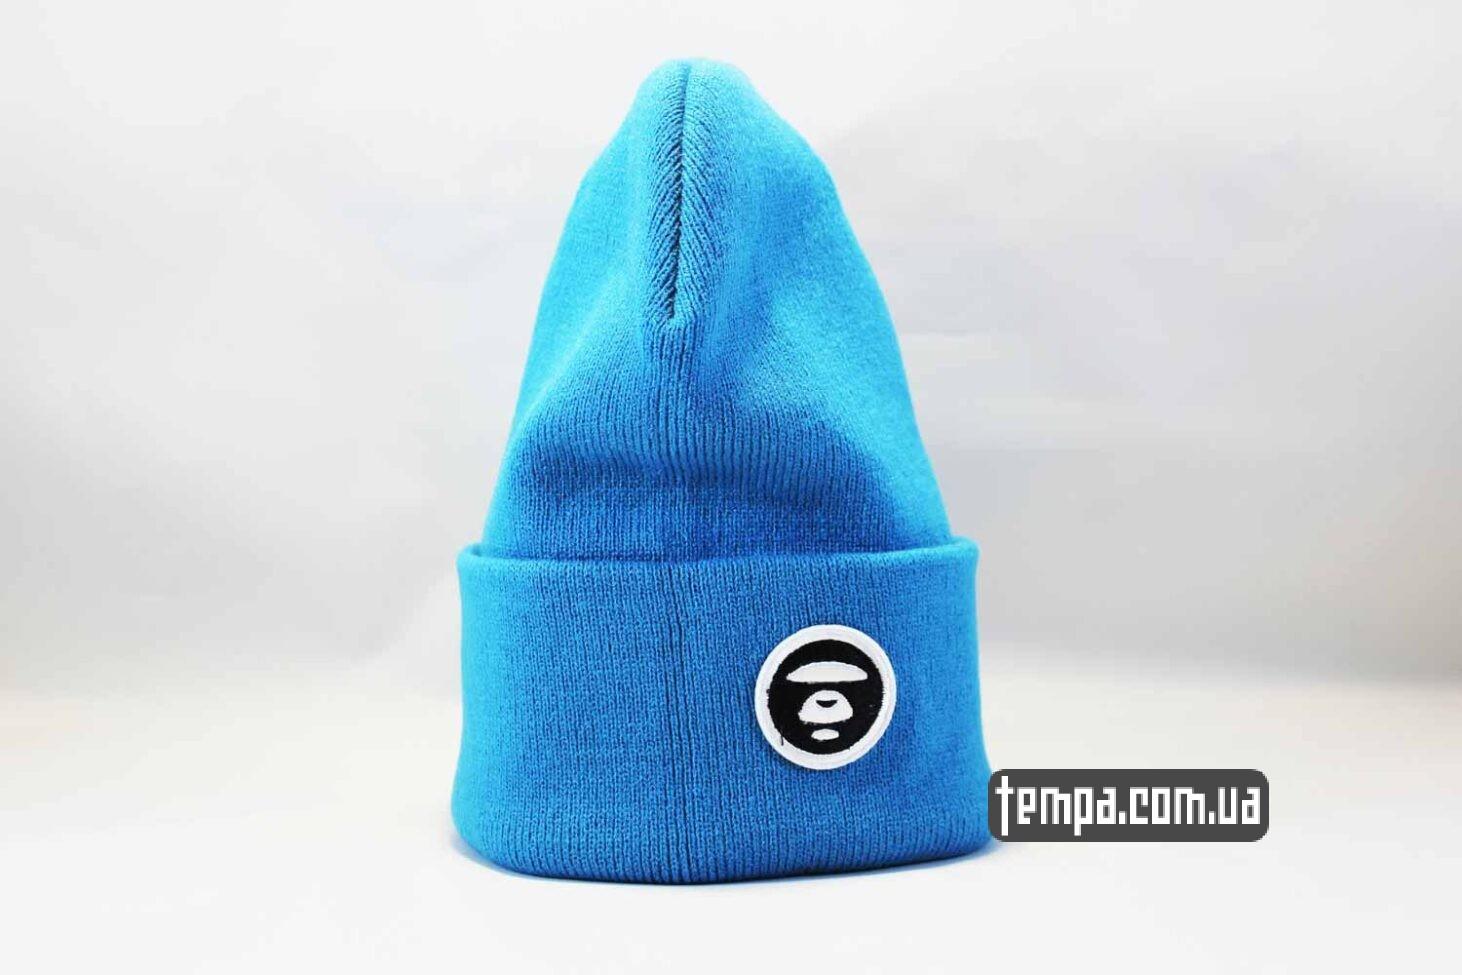 эйп одежда украина шапка beanie Aape ярко голубая купить Украина